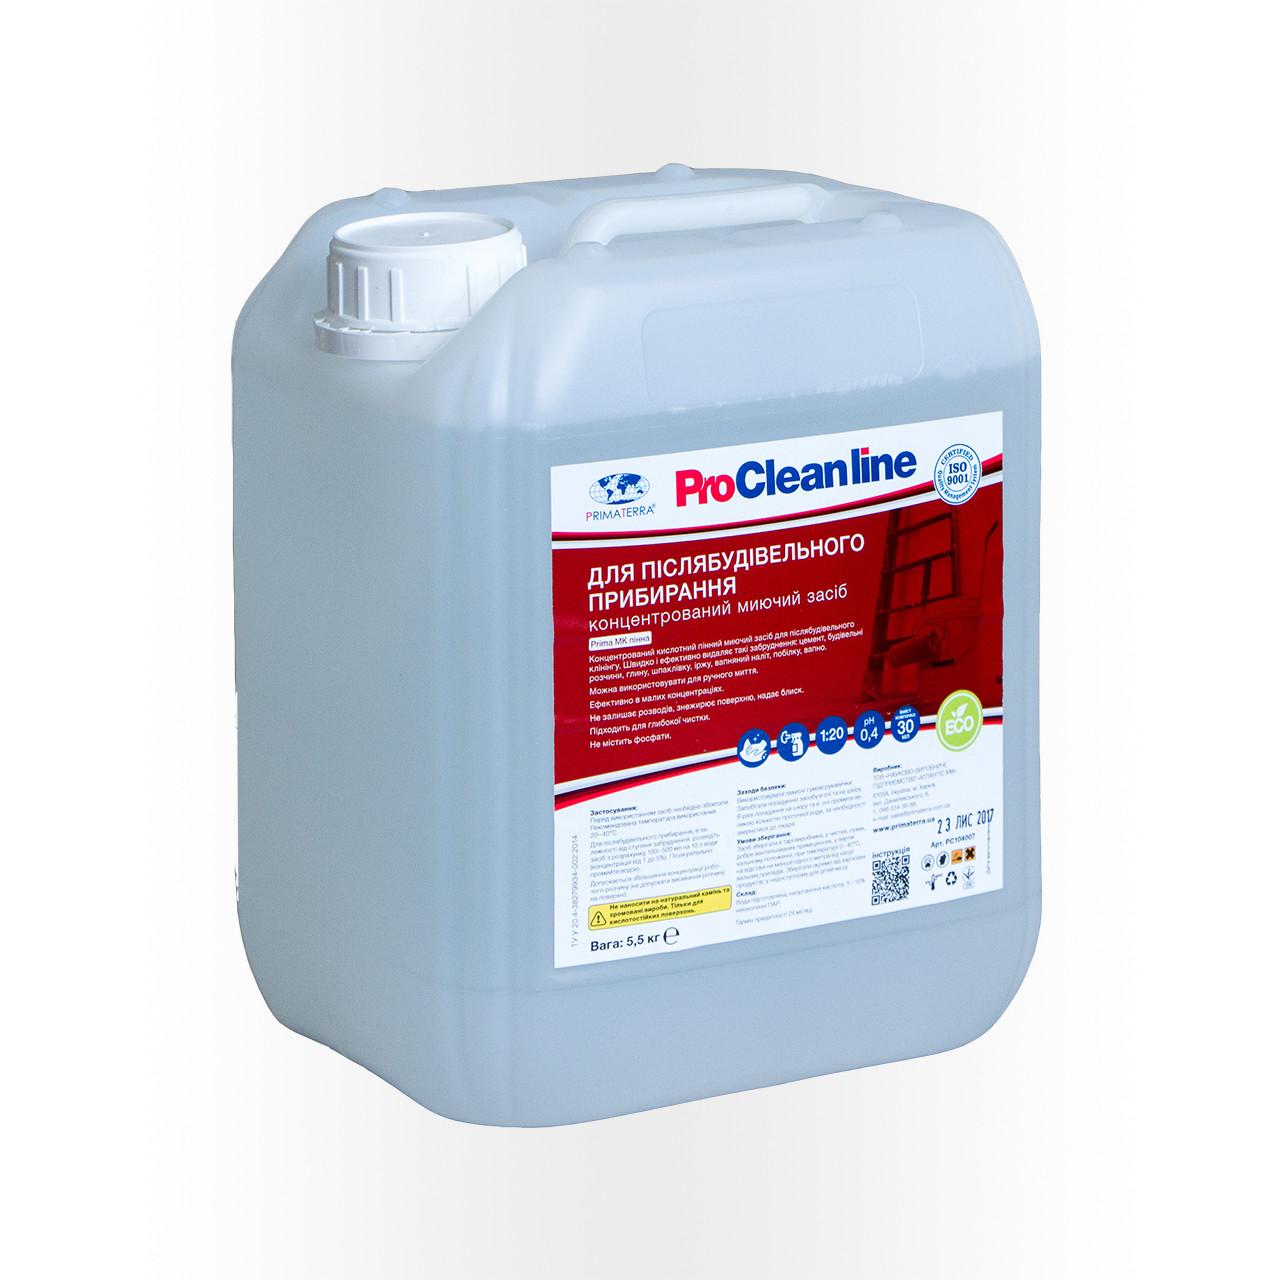 Моющее средство для послестроительного клининга, пенное, концентрат, PRIMATERRA MK (5,5кг)